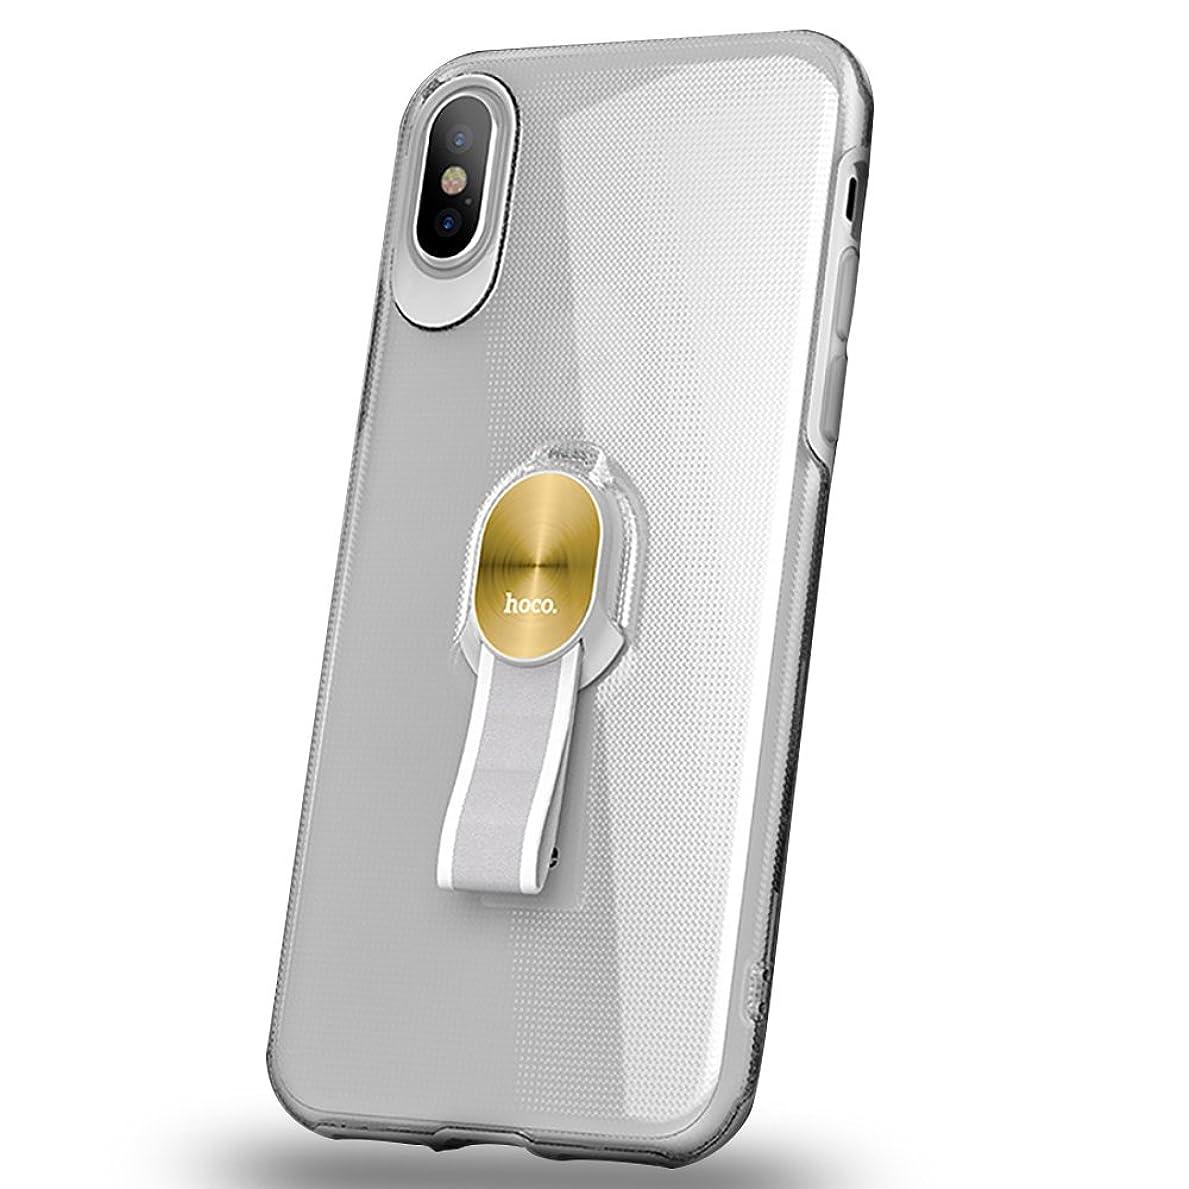 大邸宅楽しませる伝染性【新登場!】iPhone X カバー iphonex ケース ワイヤレス充電対応 ガラスフィルム付き 落下防止 リングホルダー 軽量 極薄 指紋防止 全面防御 (ホワイト)